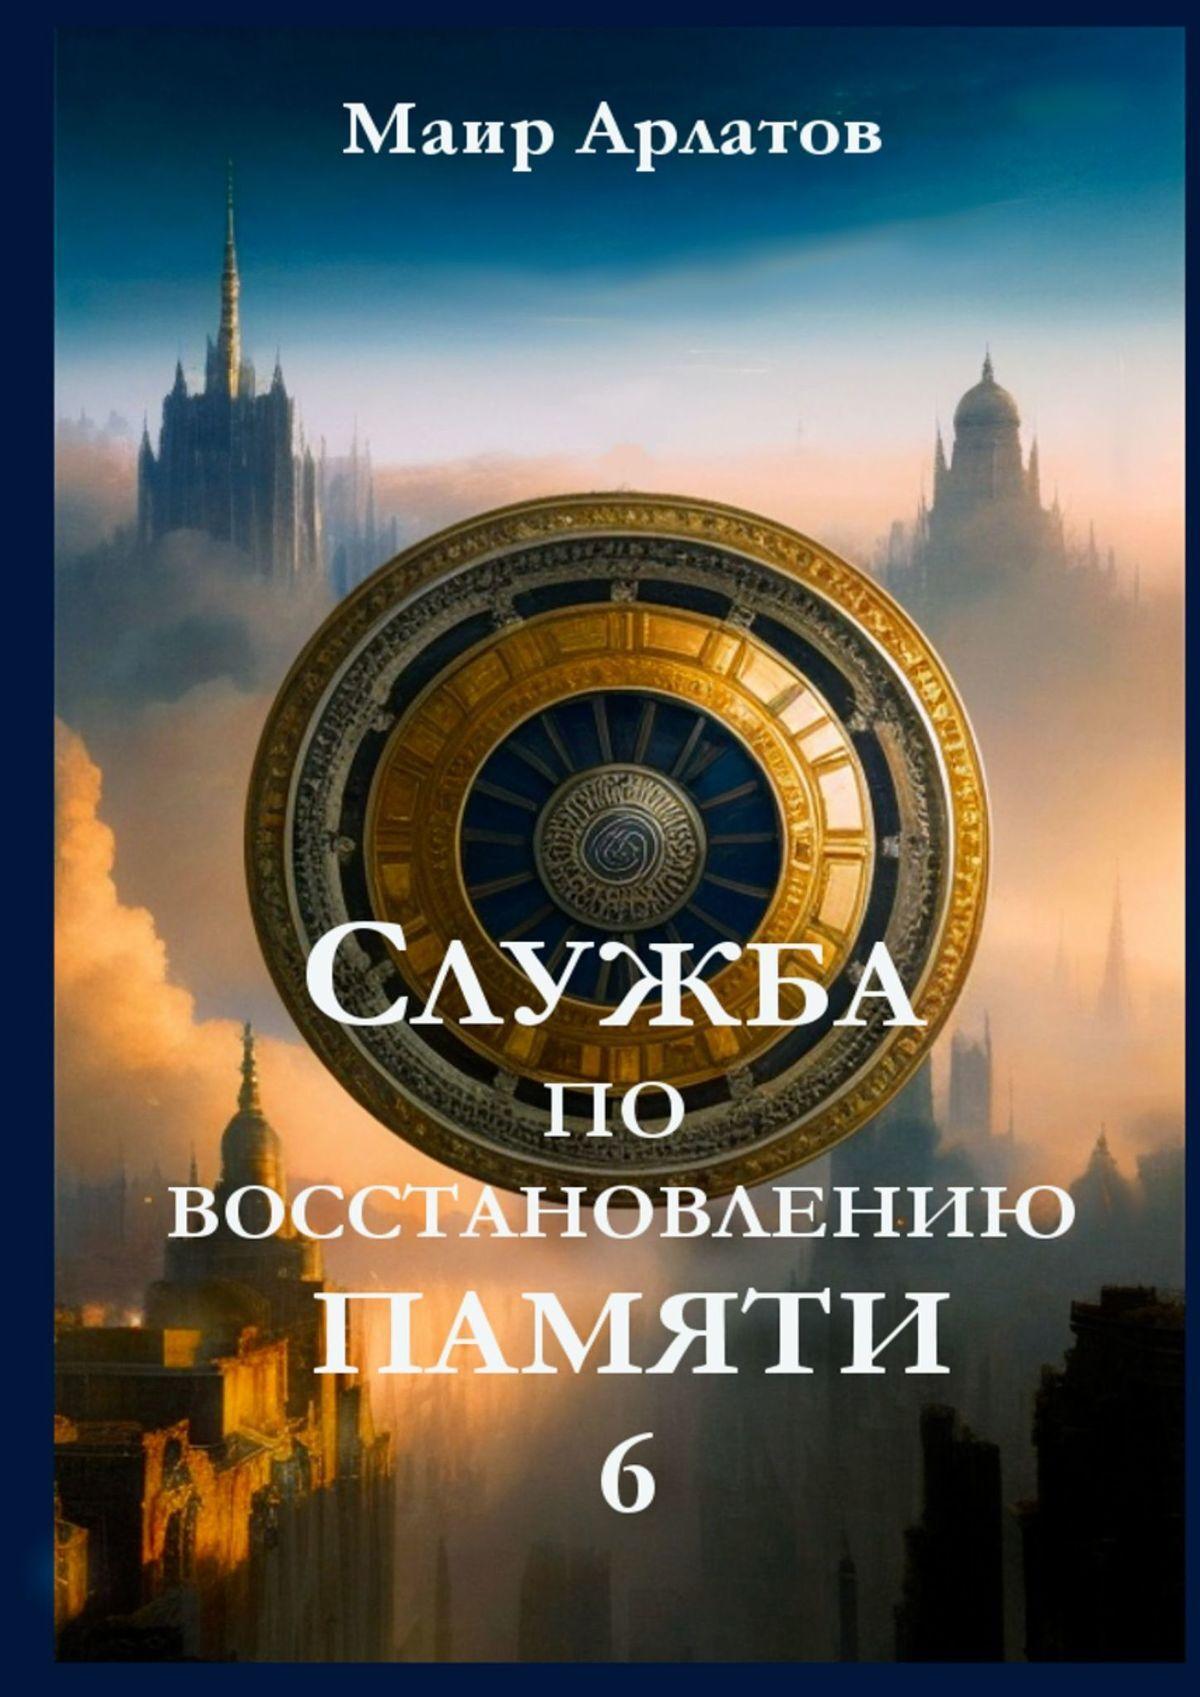 Служба поВосстановлению Памяти. Книга шестая